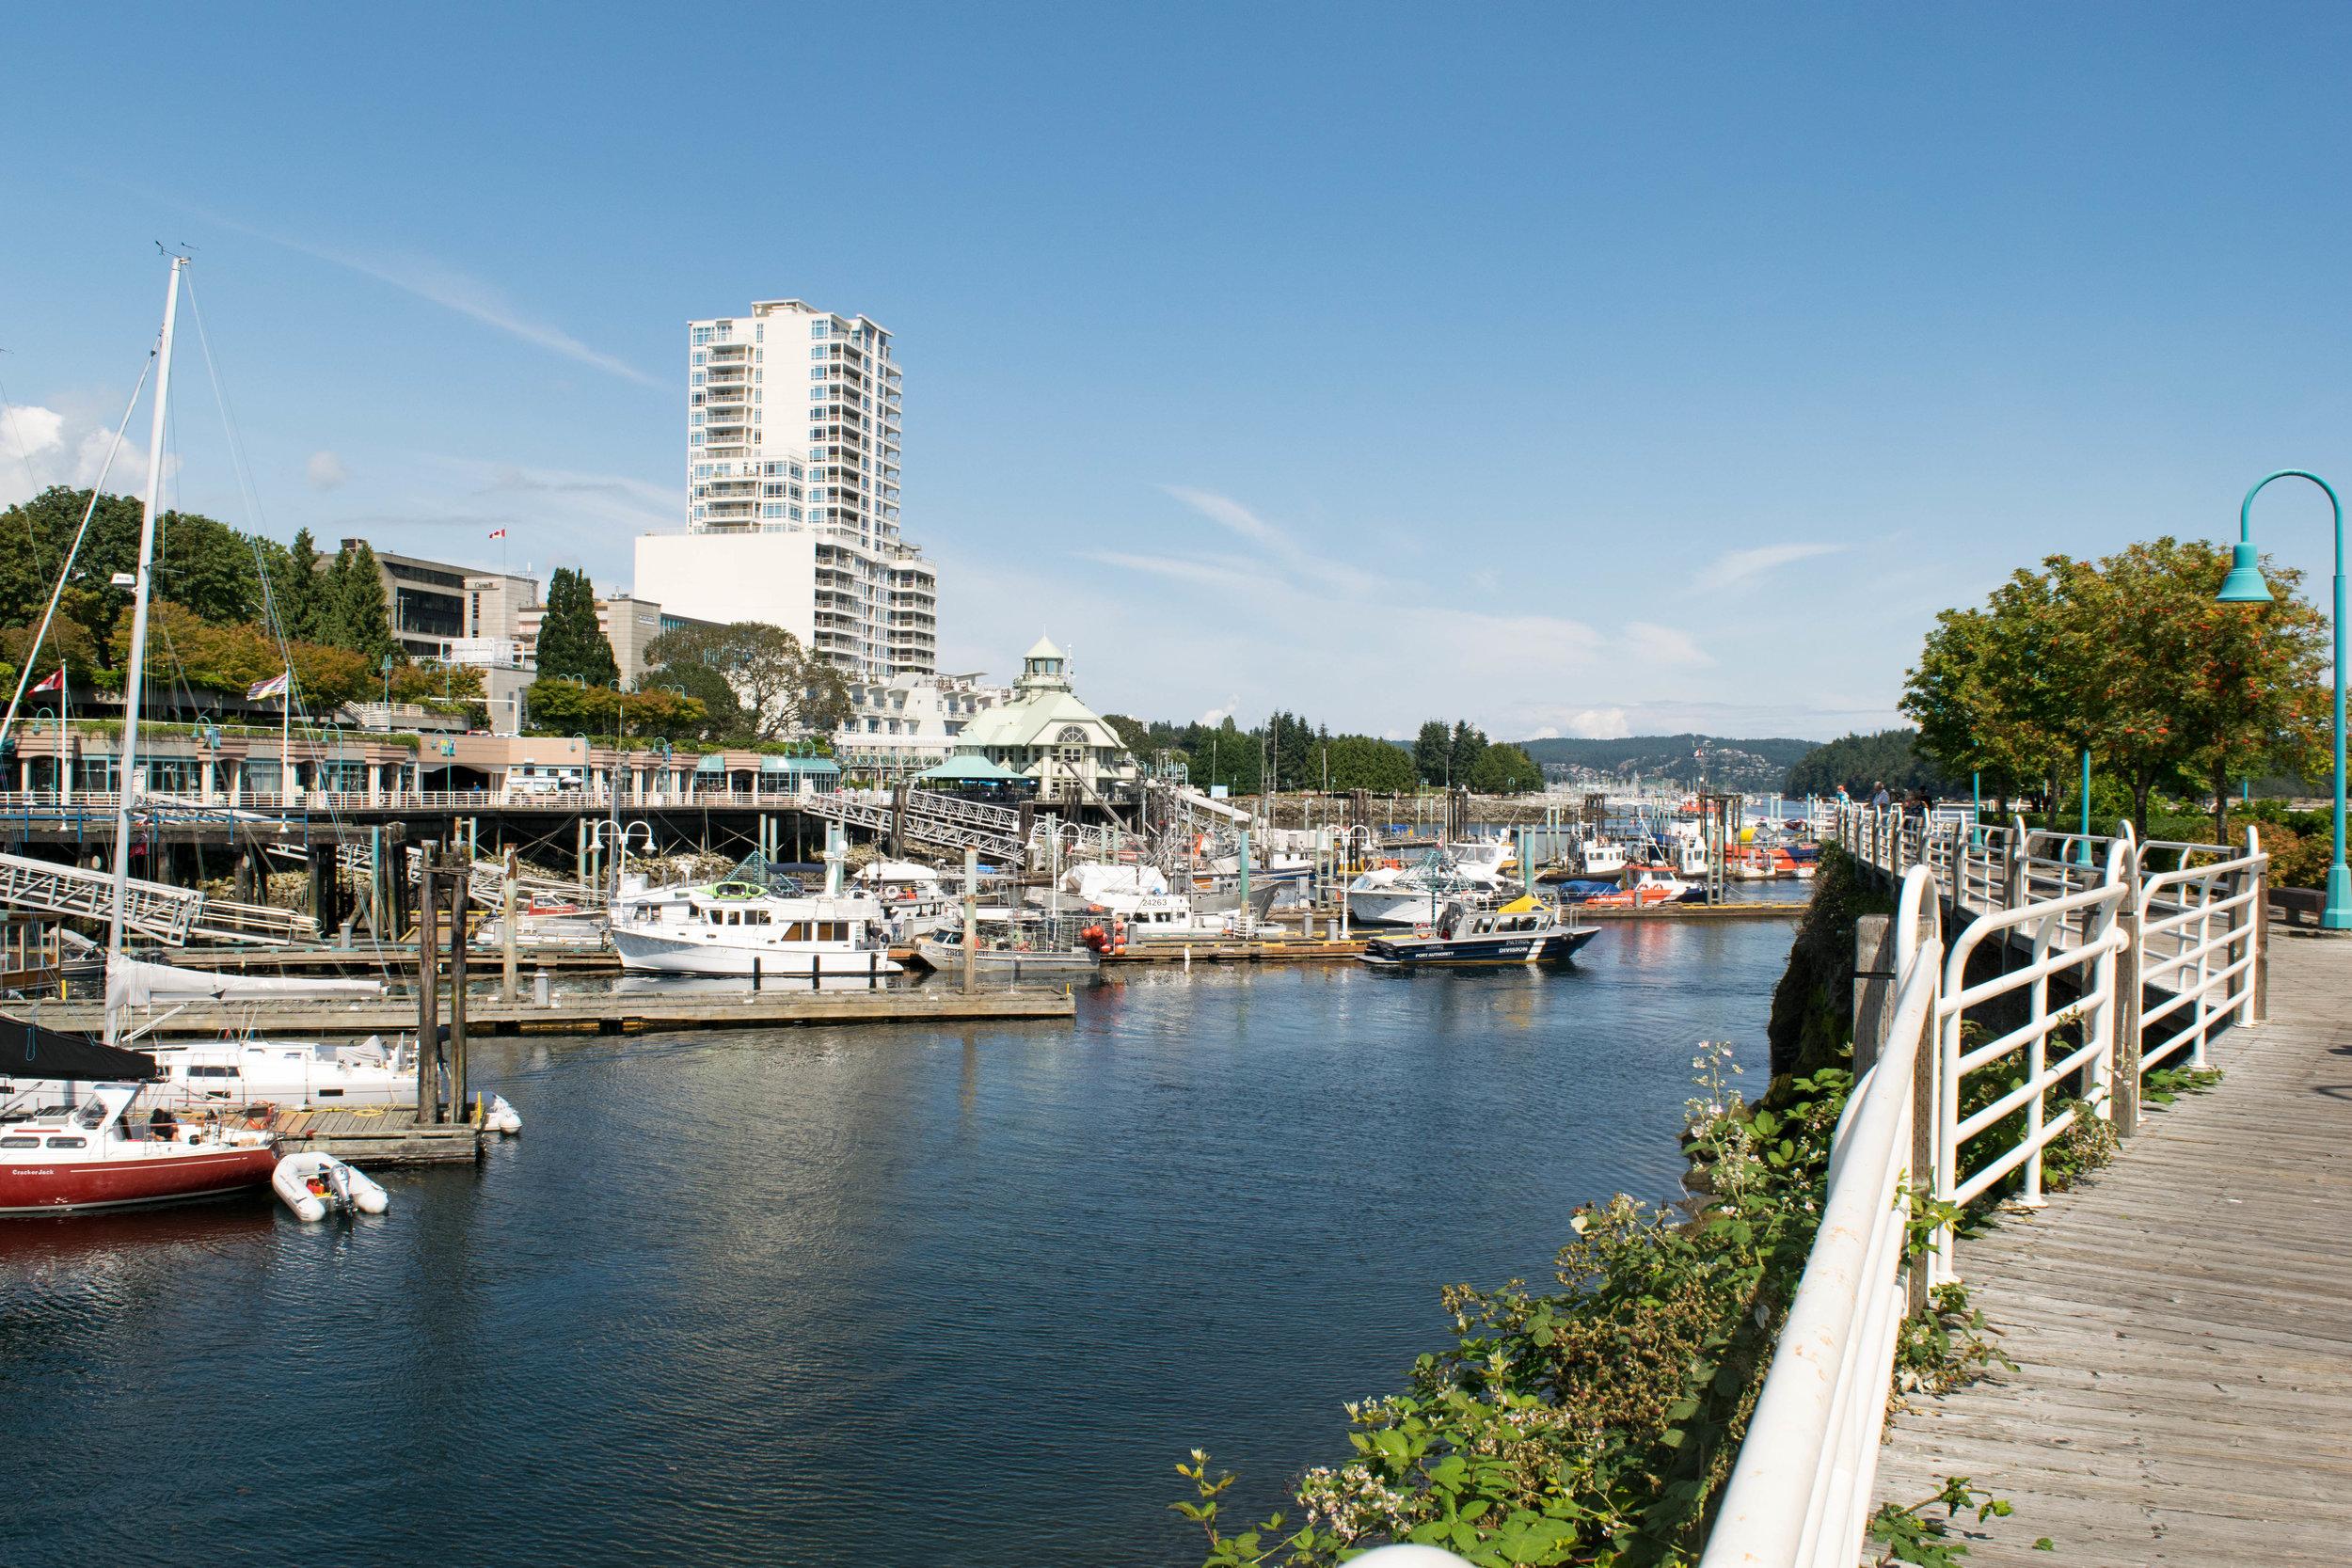 View of the Nanaimo Marina